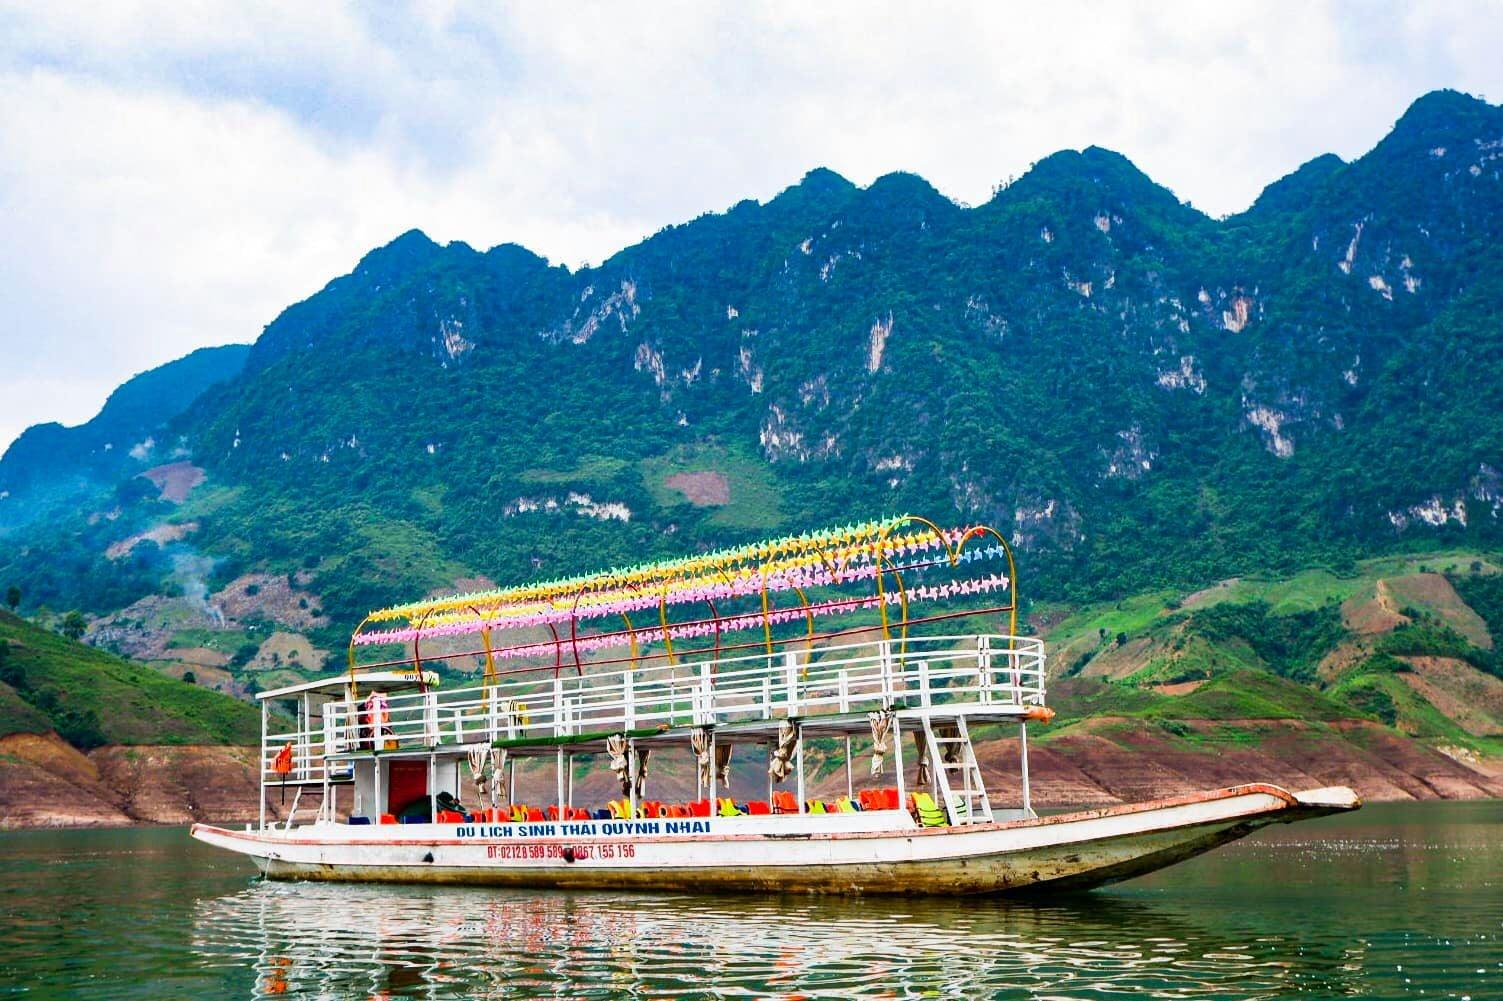 Đi thuyền tham quan biển hồ Quỳnh Nhai. Hình: Sưu tầm